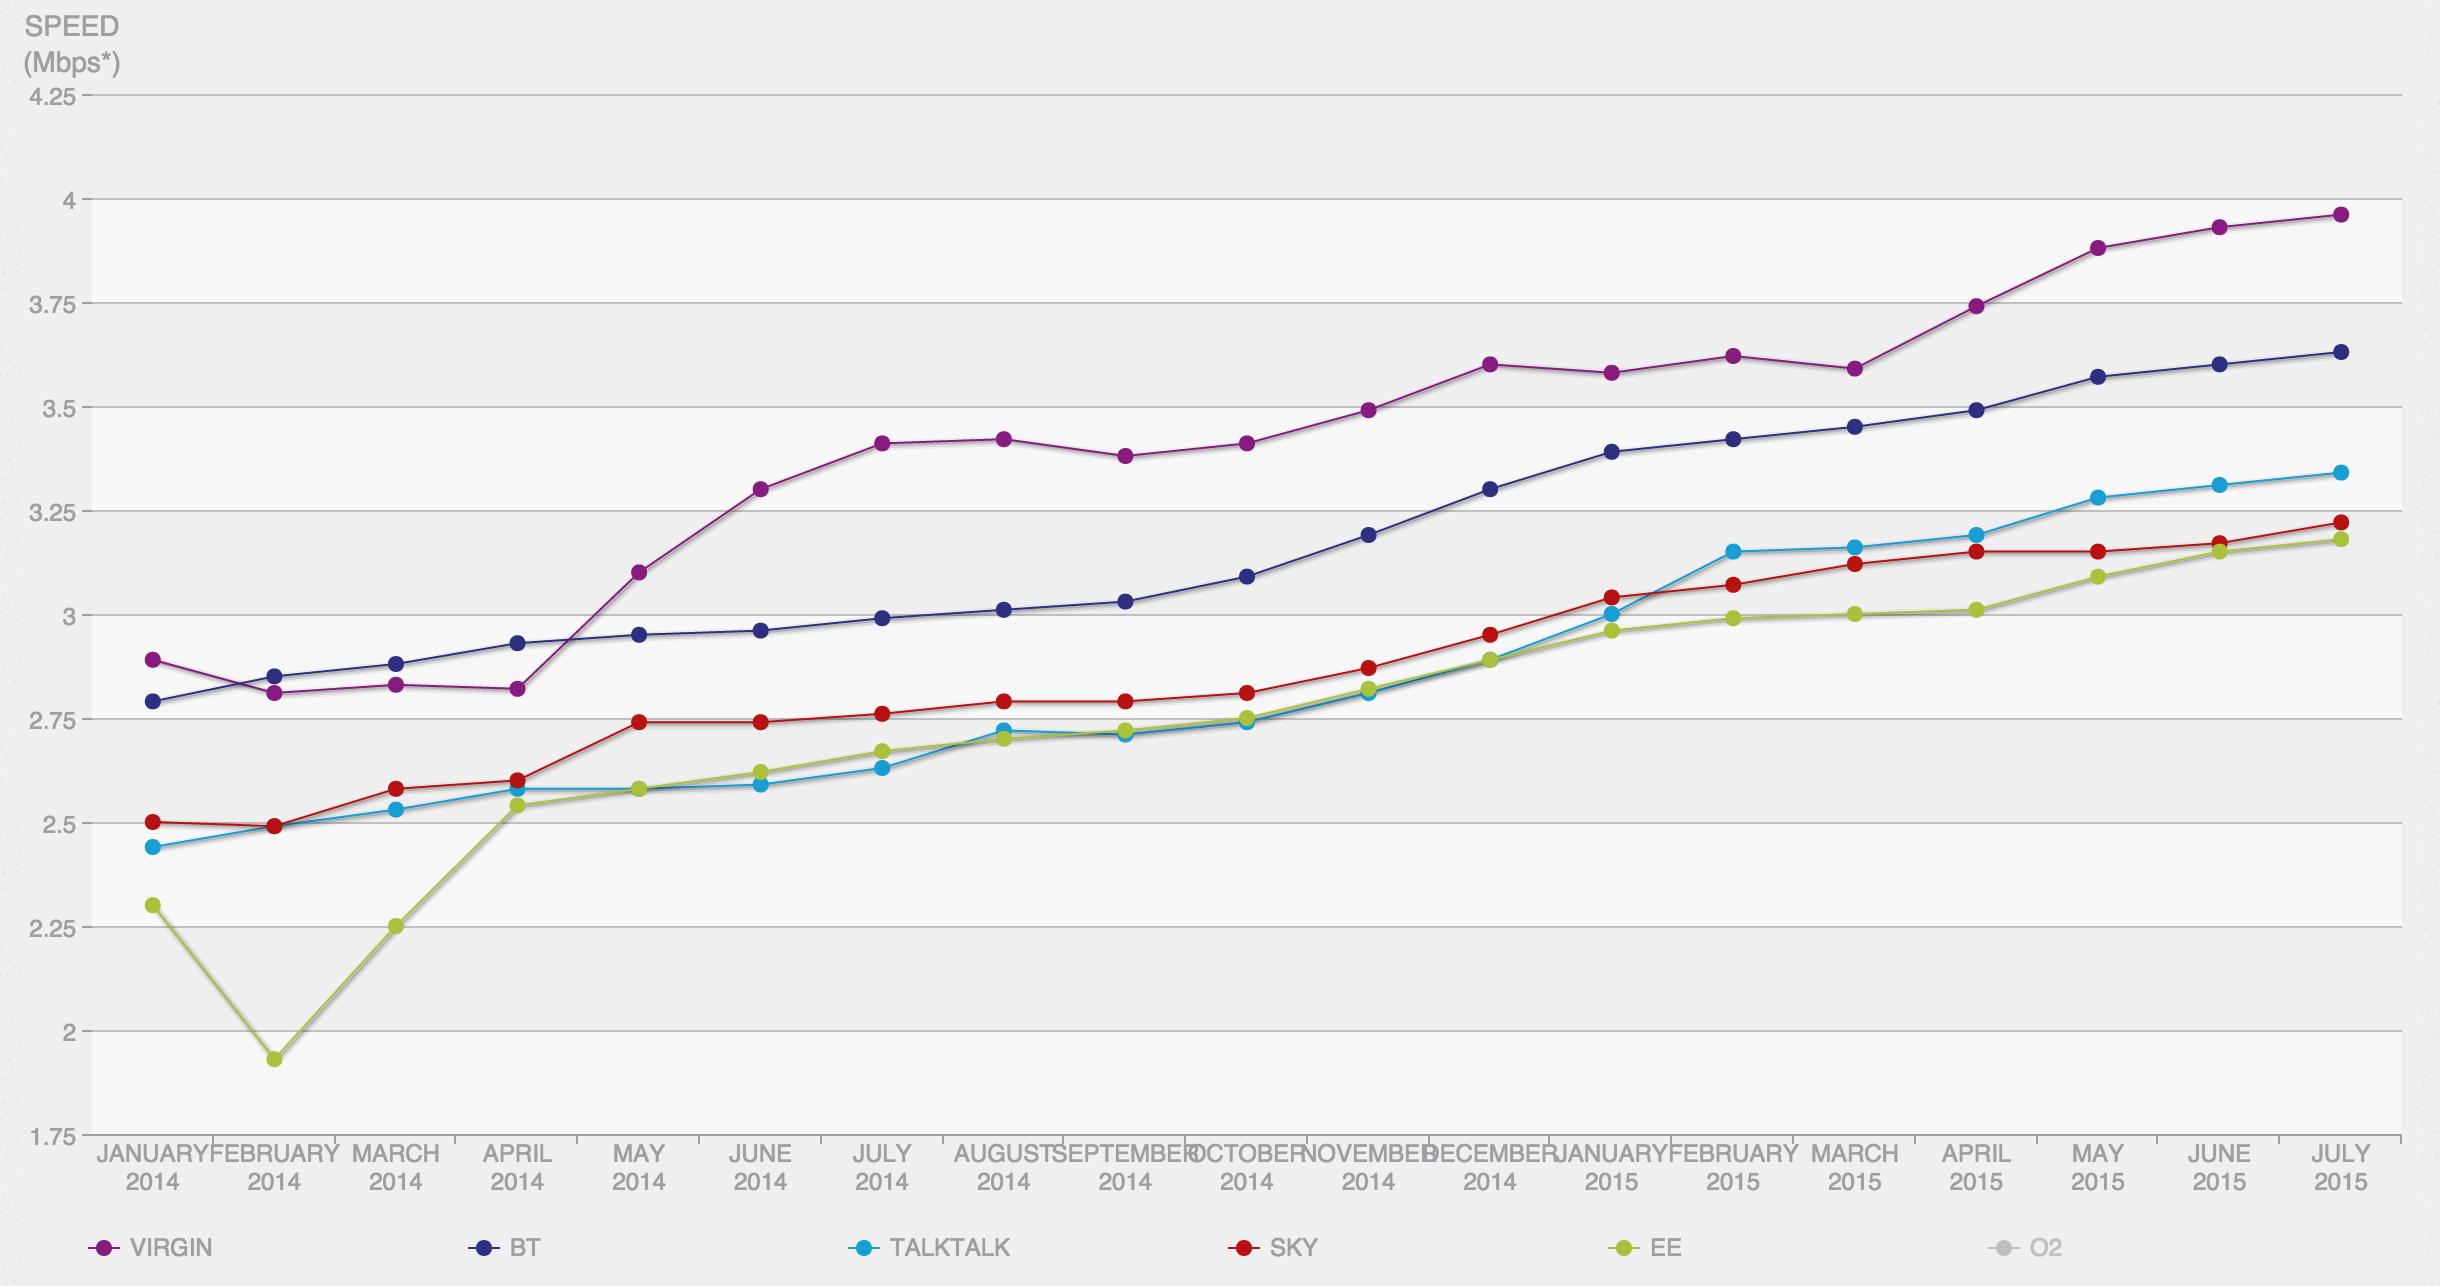 netflix-uk-isp-speeds-graph